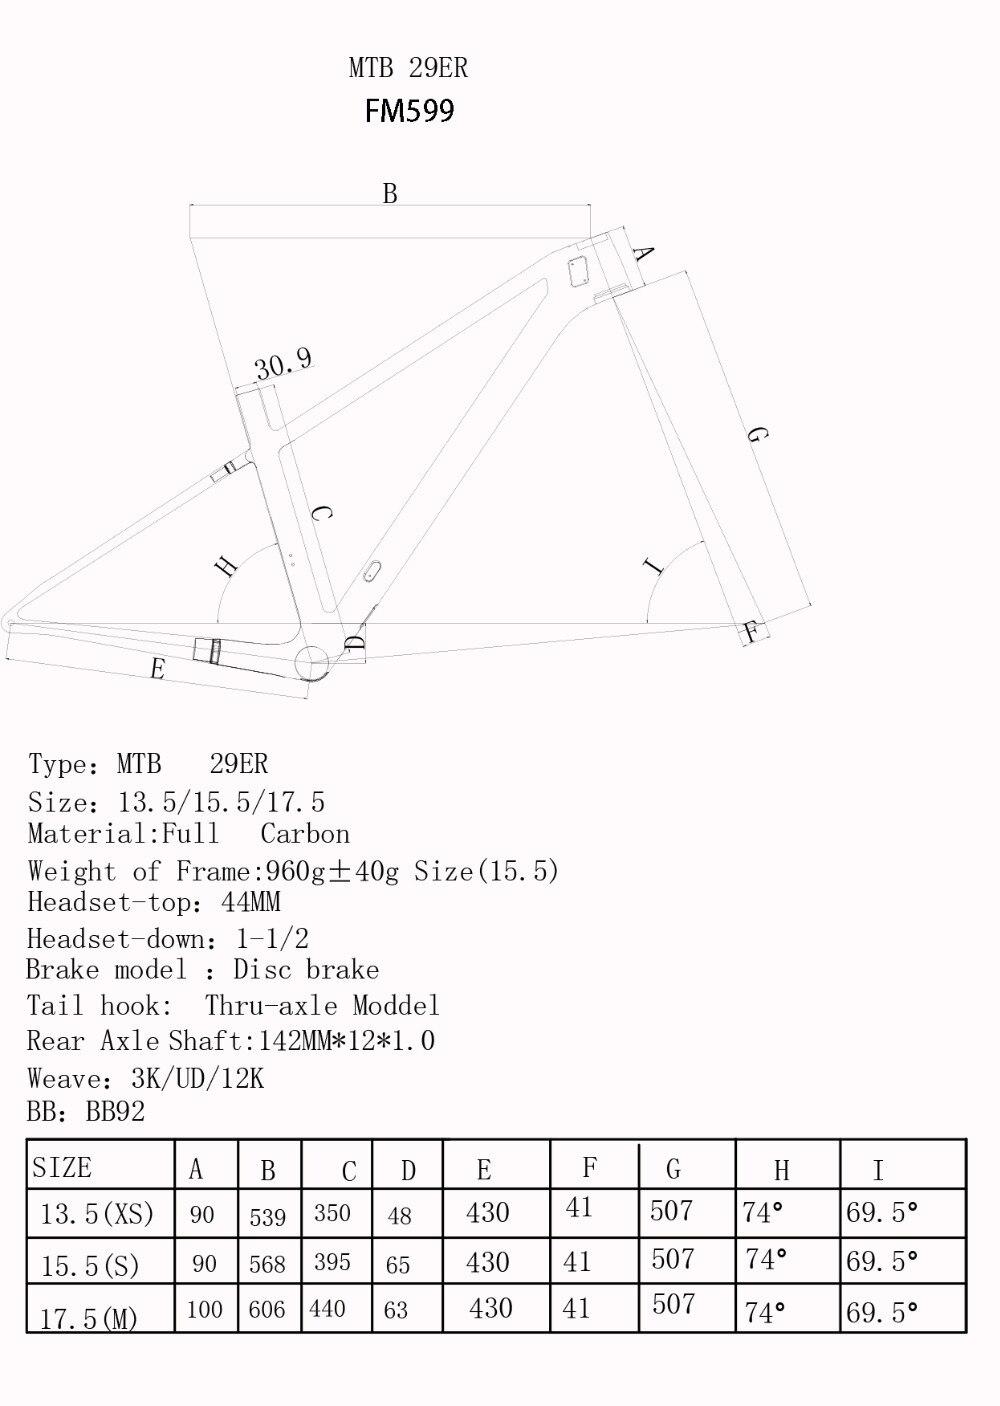 FM599 geometry